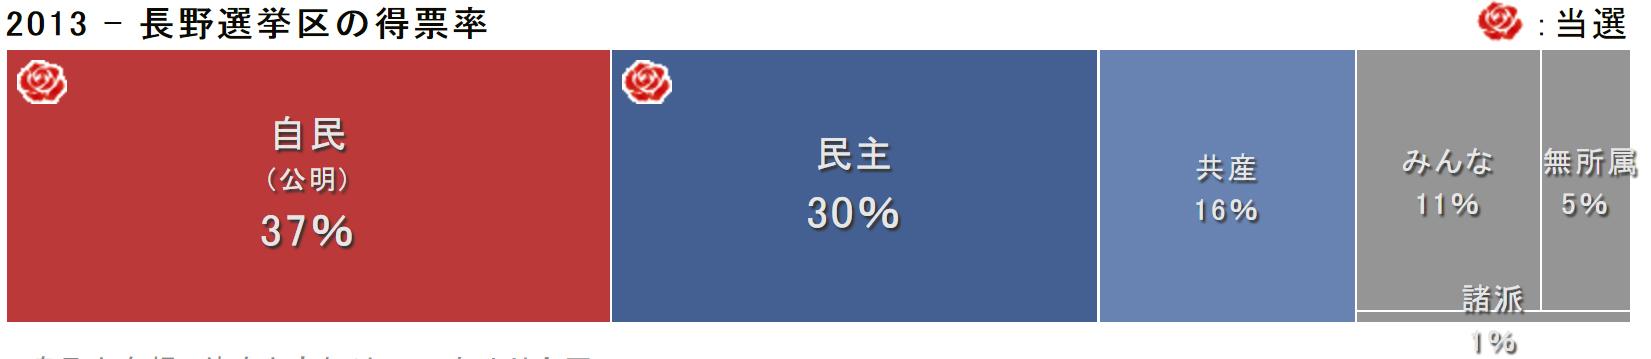 015長野